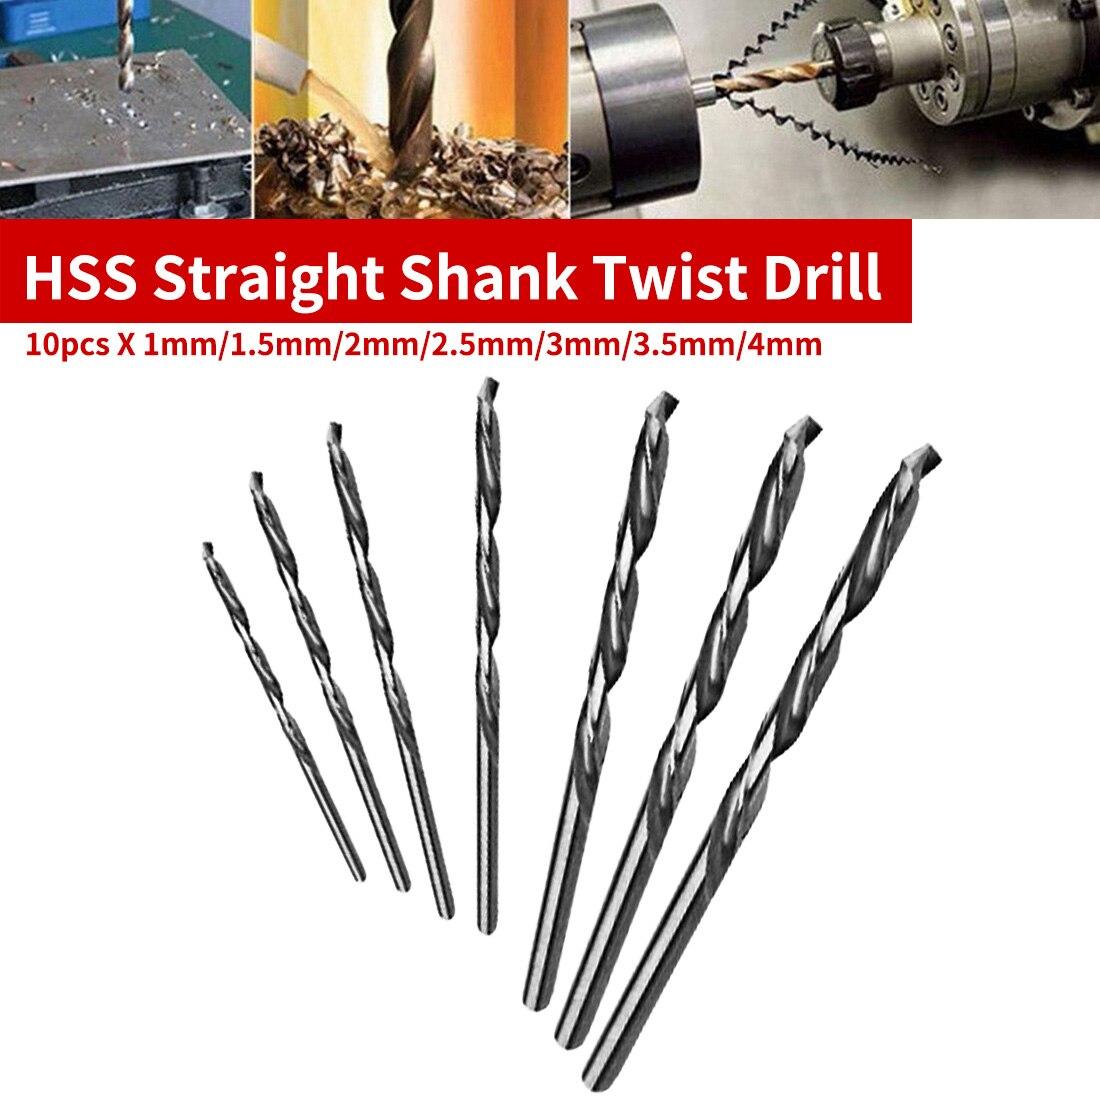 Straight Shank 10pcs HSS Mini Drill Twist Drill Bits Set For PCB/Thin Aluminum/Iron Sheet 1mm/1.5mm/2mm/2.5mm/3mm/3.5mm/4mm